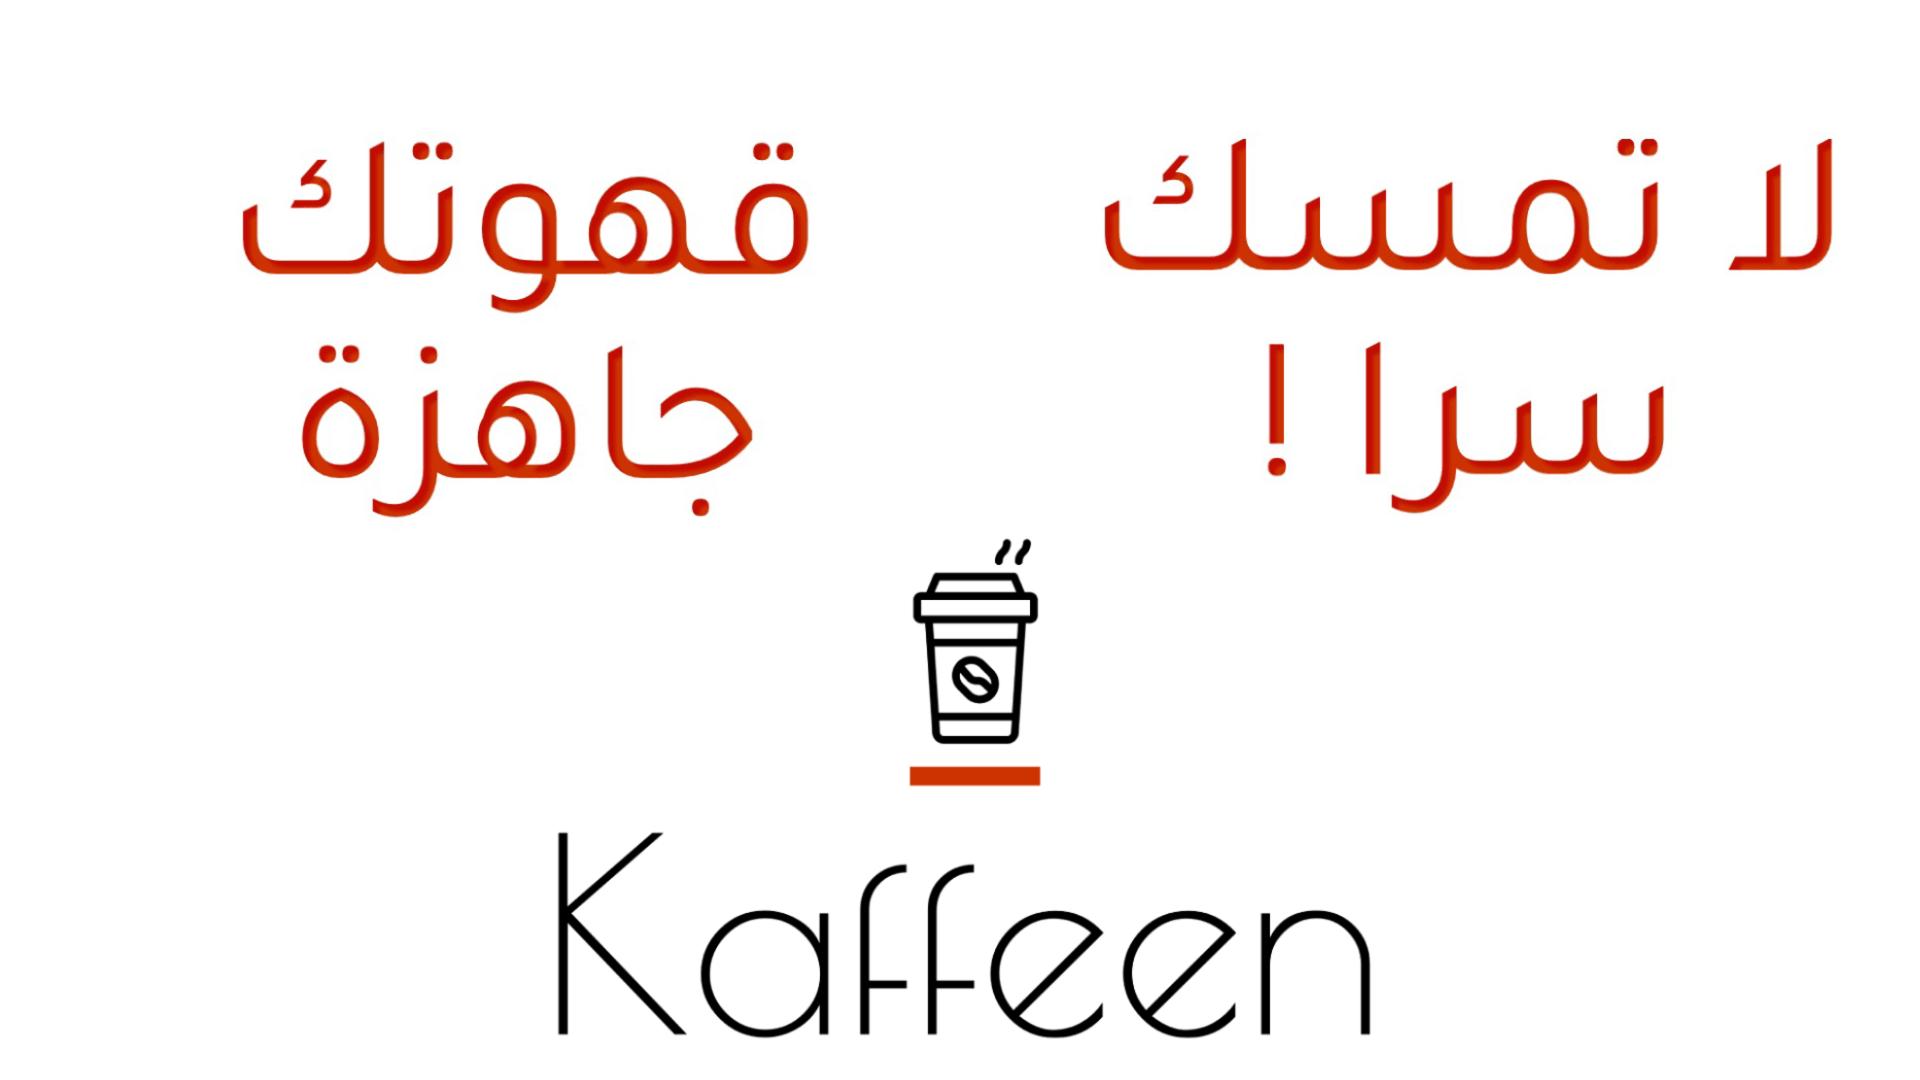 Kaffeen